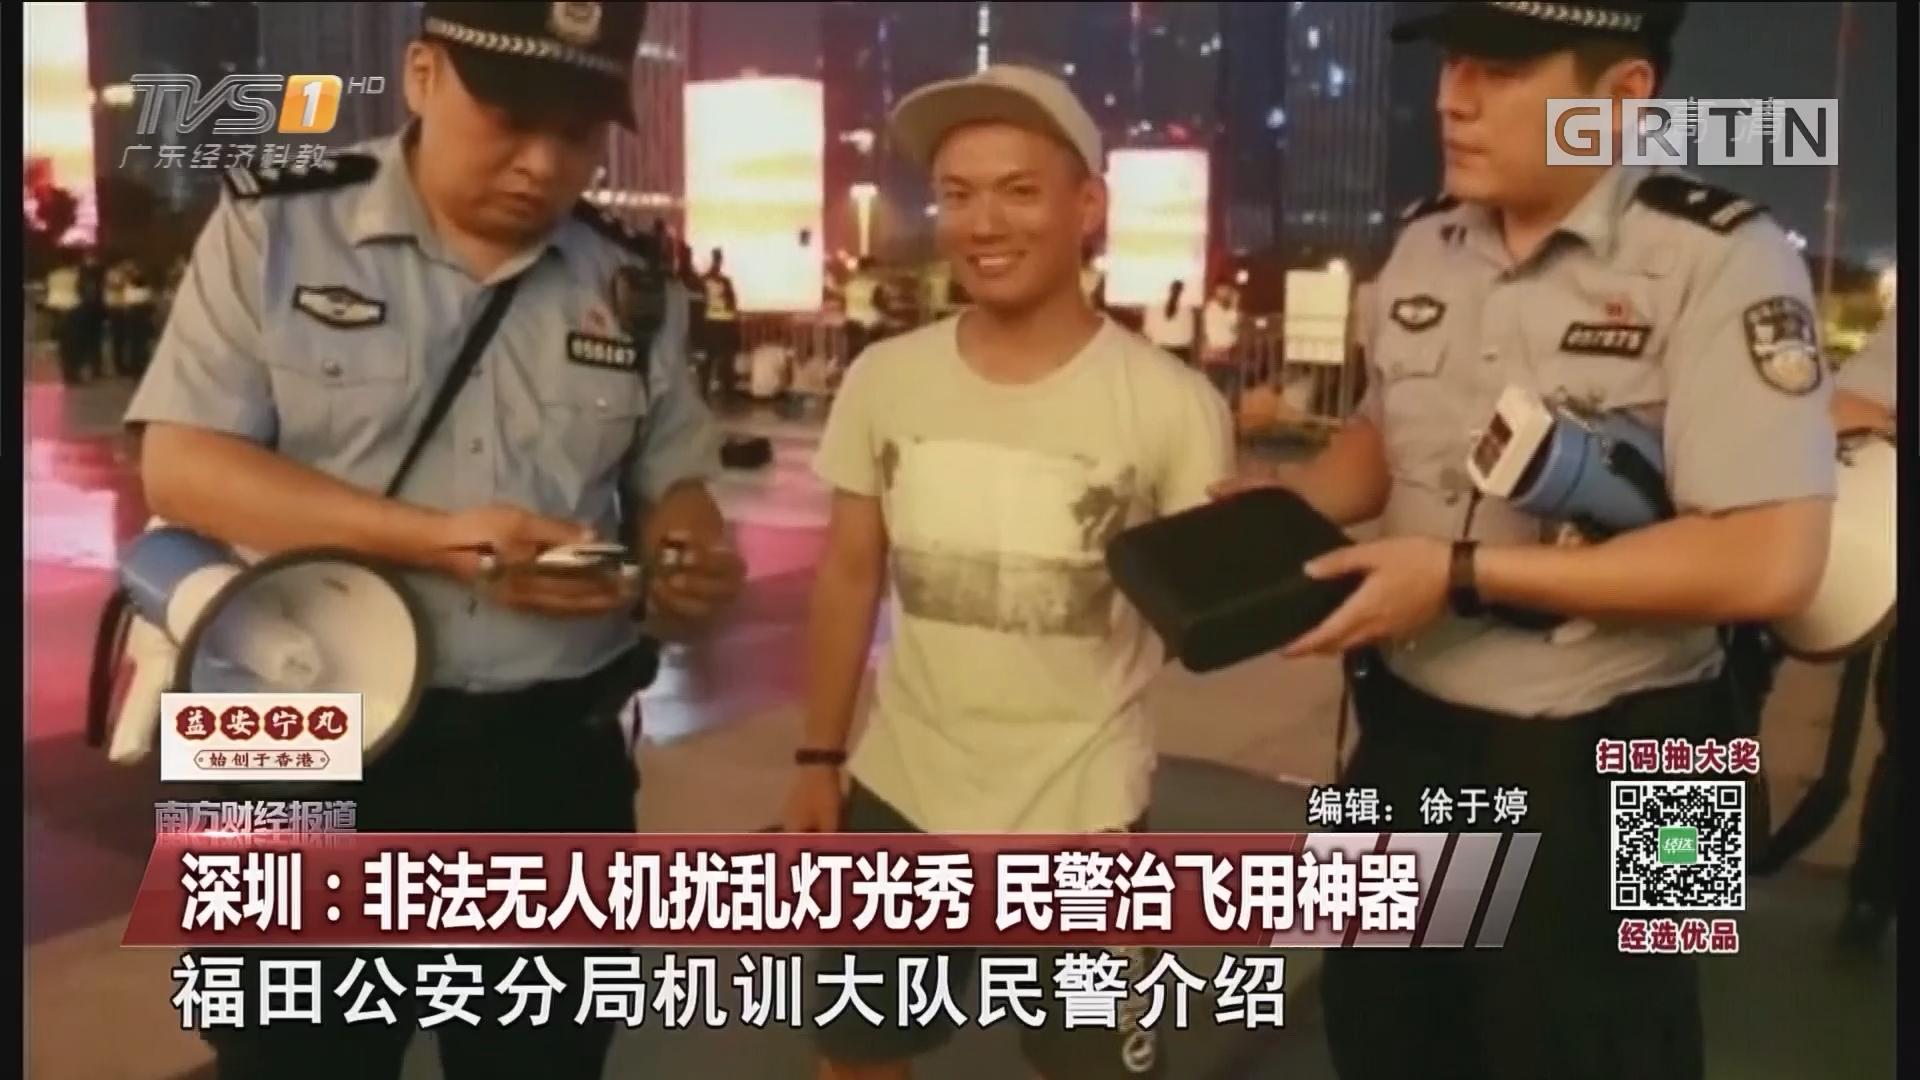 深圳:非法无人机扰乱灯光秀 民警治飞用神器